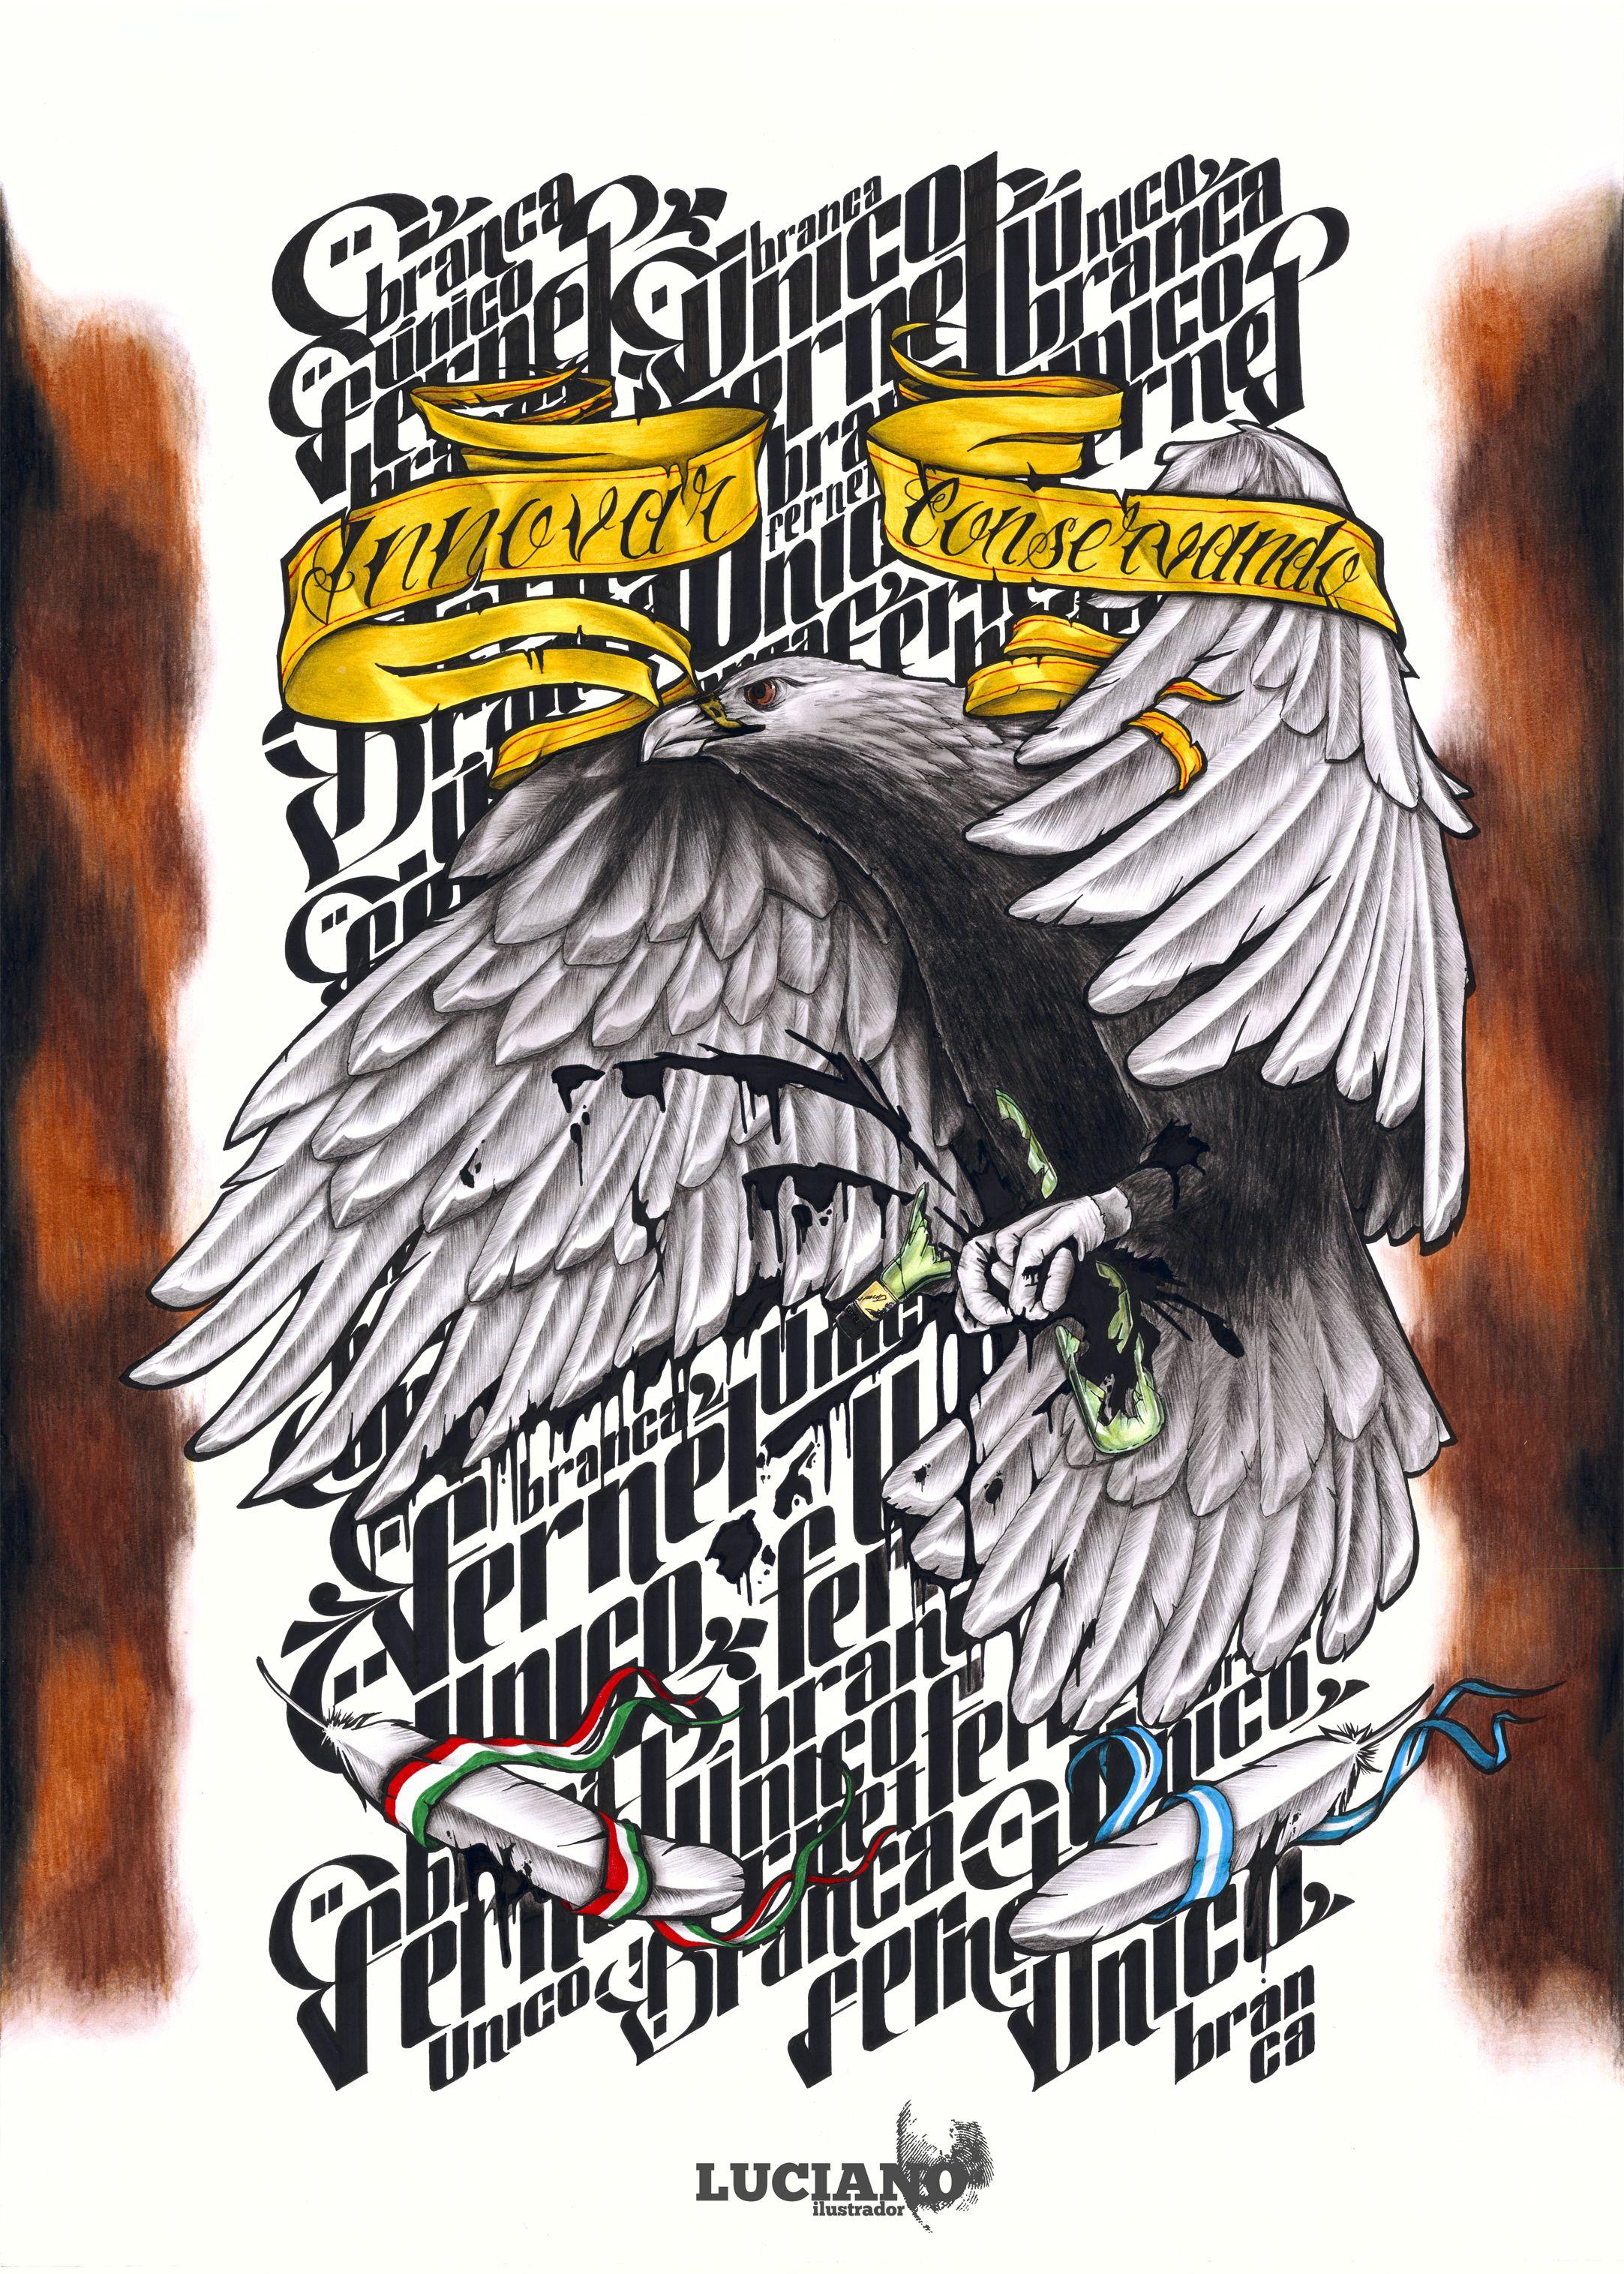 Afiche dibujado a mano en 50x70 cm para el concurso de afiches de Fernet Branca Arte Único 2013.